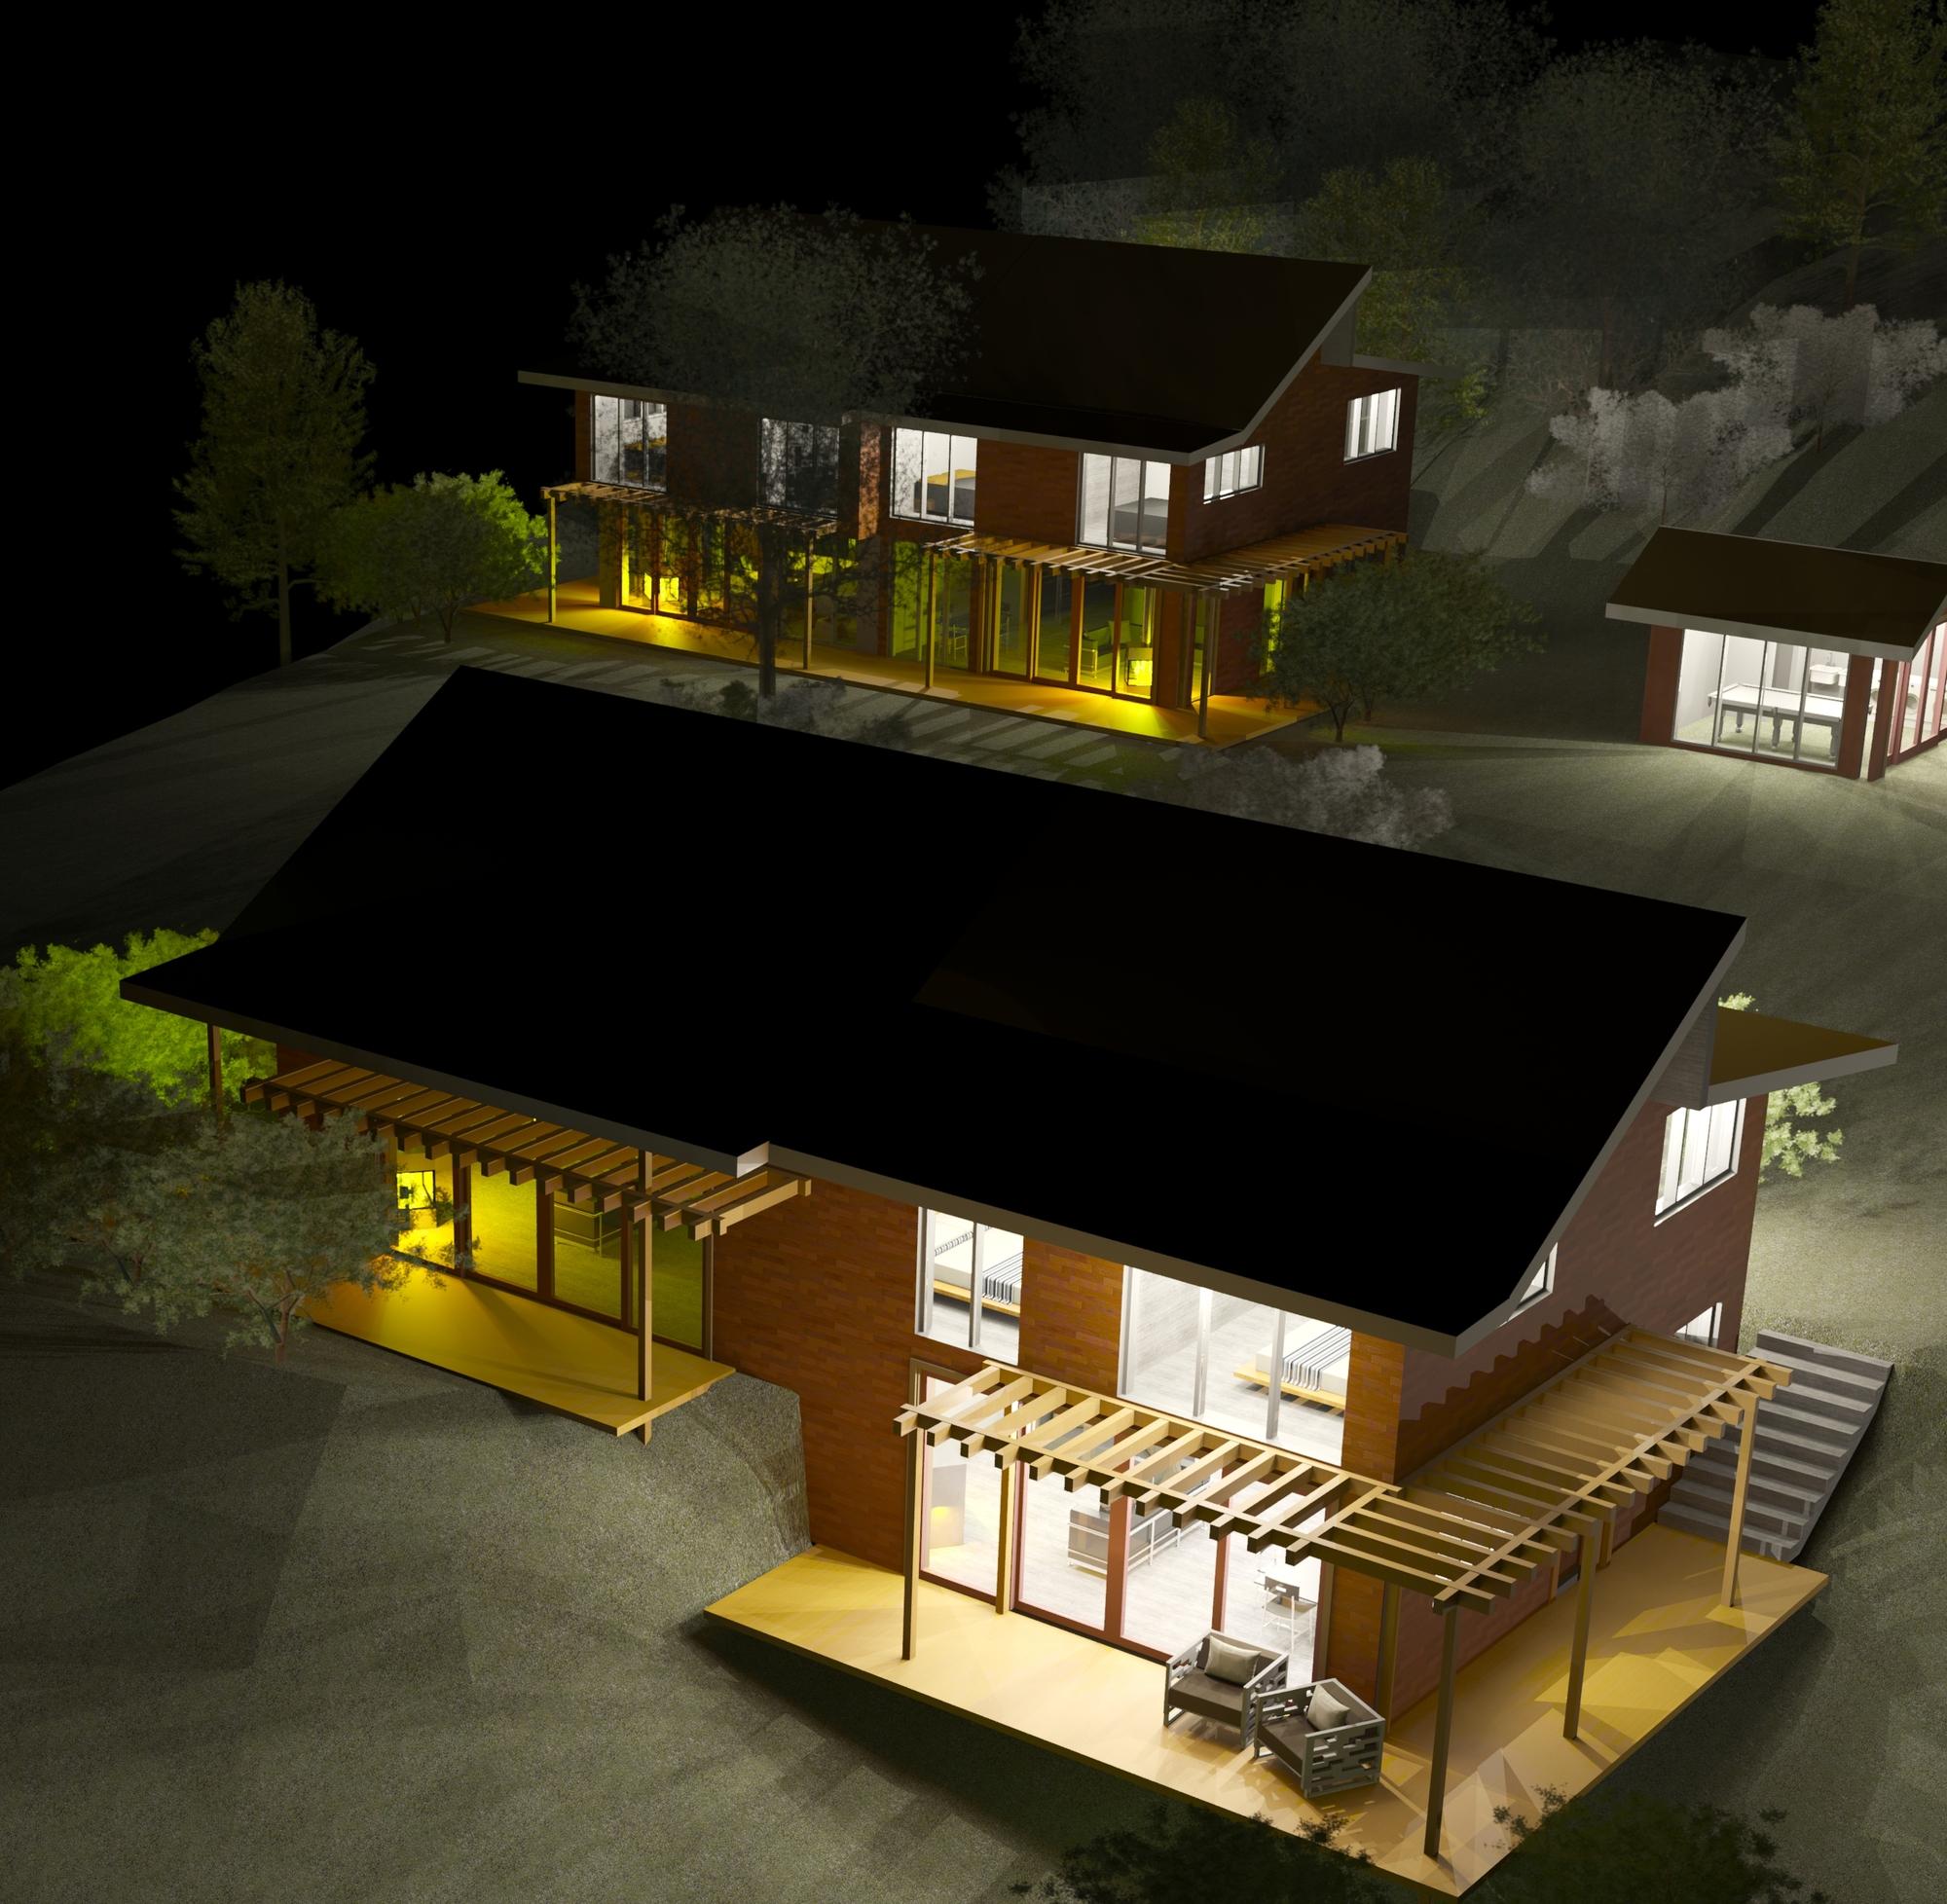 Raas-rendering20141027-3763-1njbhm